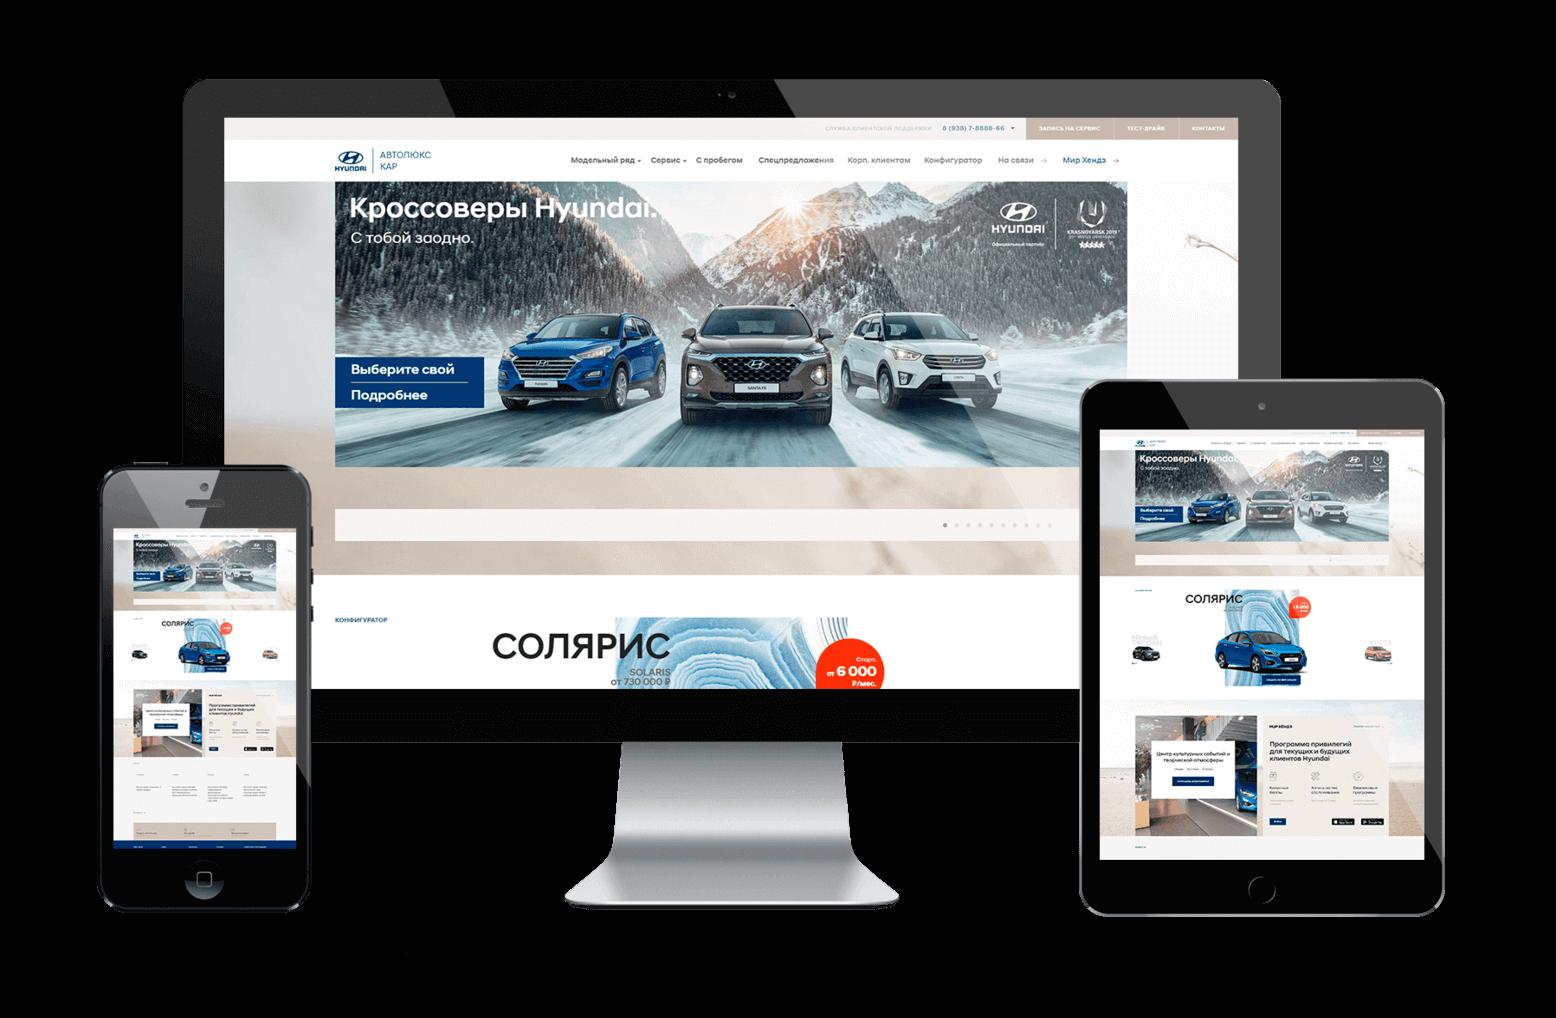 Корпоративный сайт официального дилера Hyundai